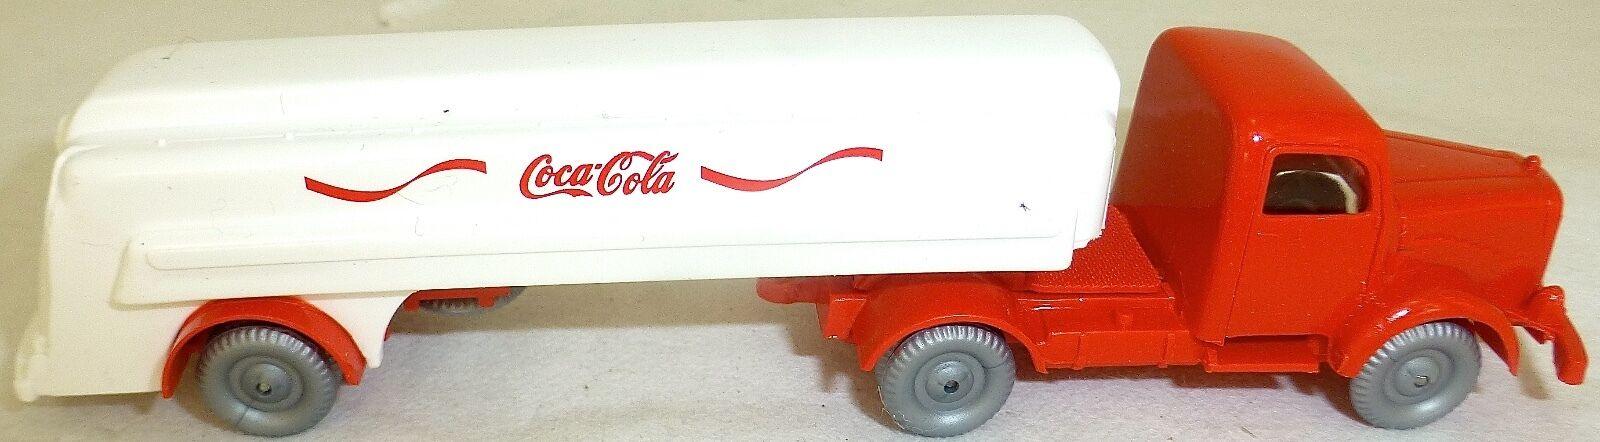 liquidazione fino al 70% Autocisterna Mercedes 5000 Coca Cola Cola Cola Imu H0 1 87 Å    ordina ora i prezzi più bassi